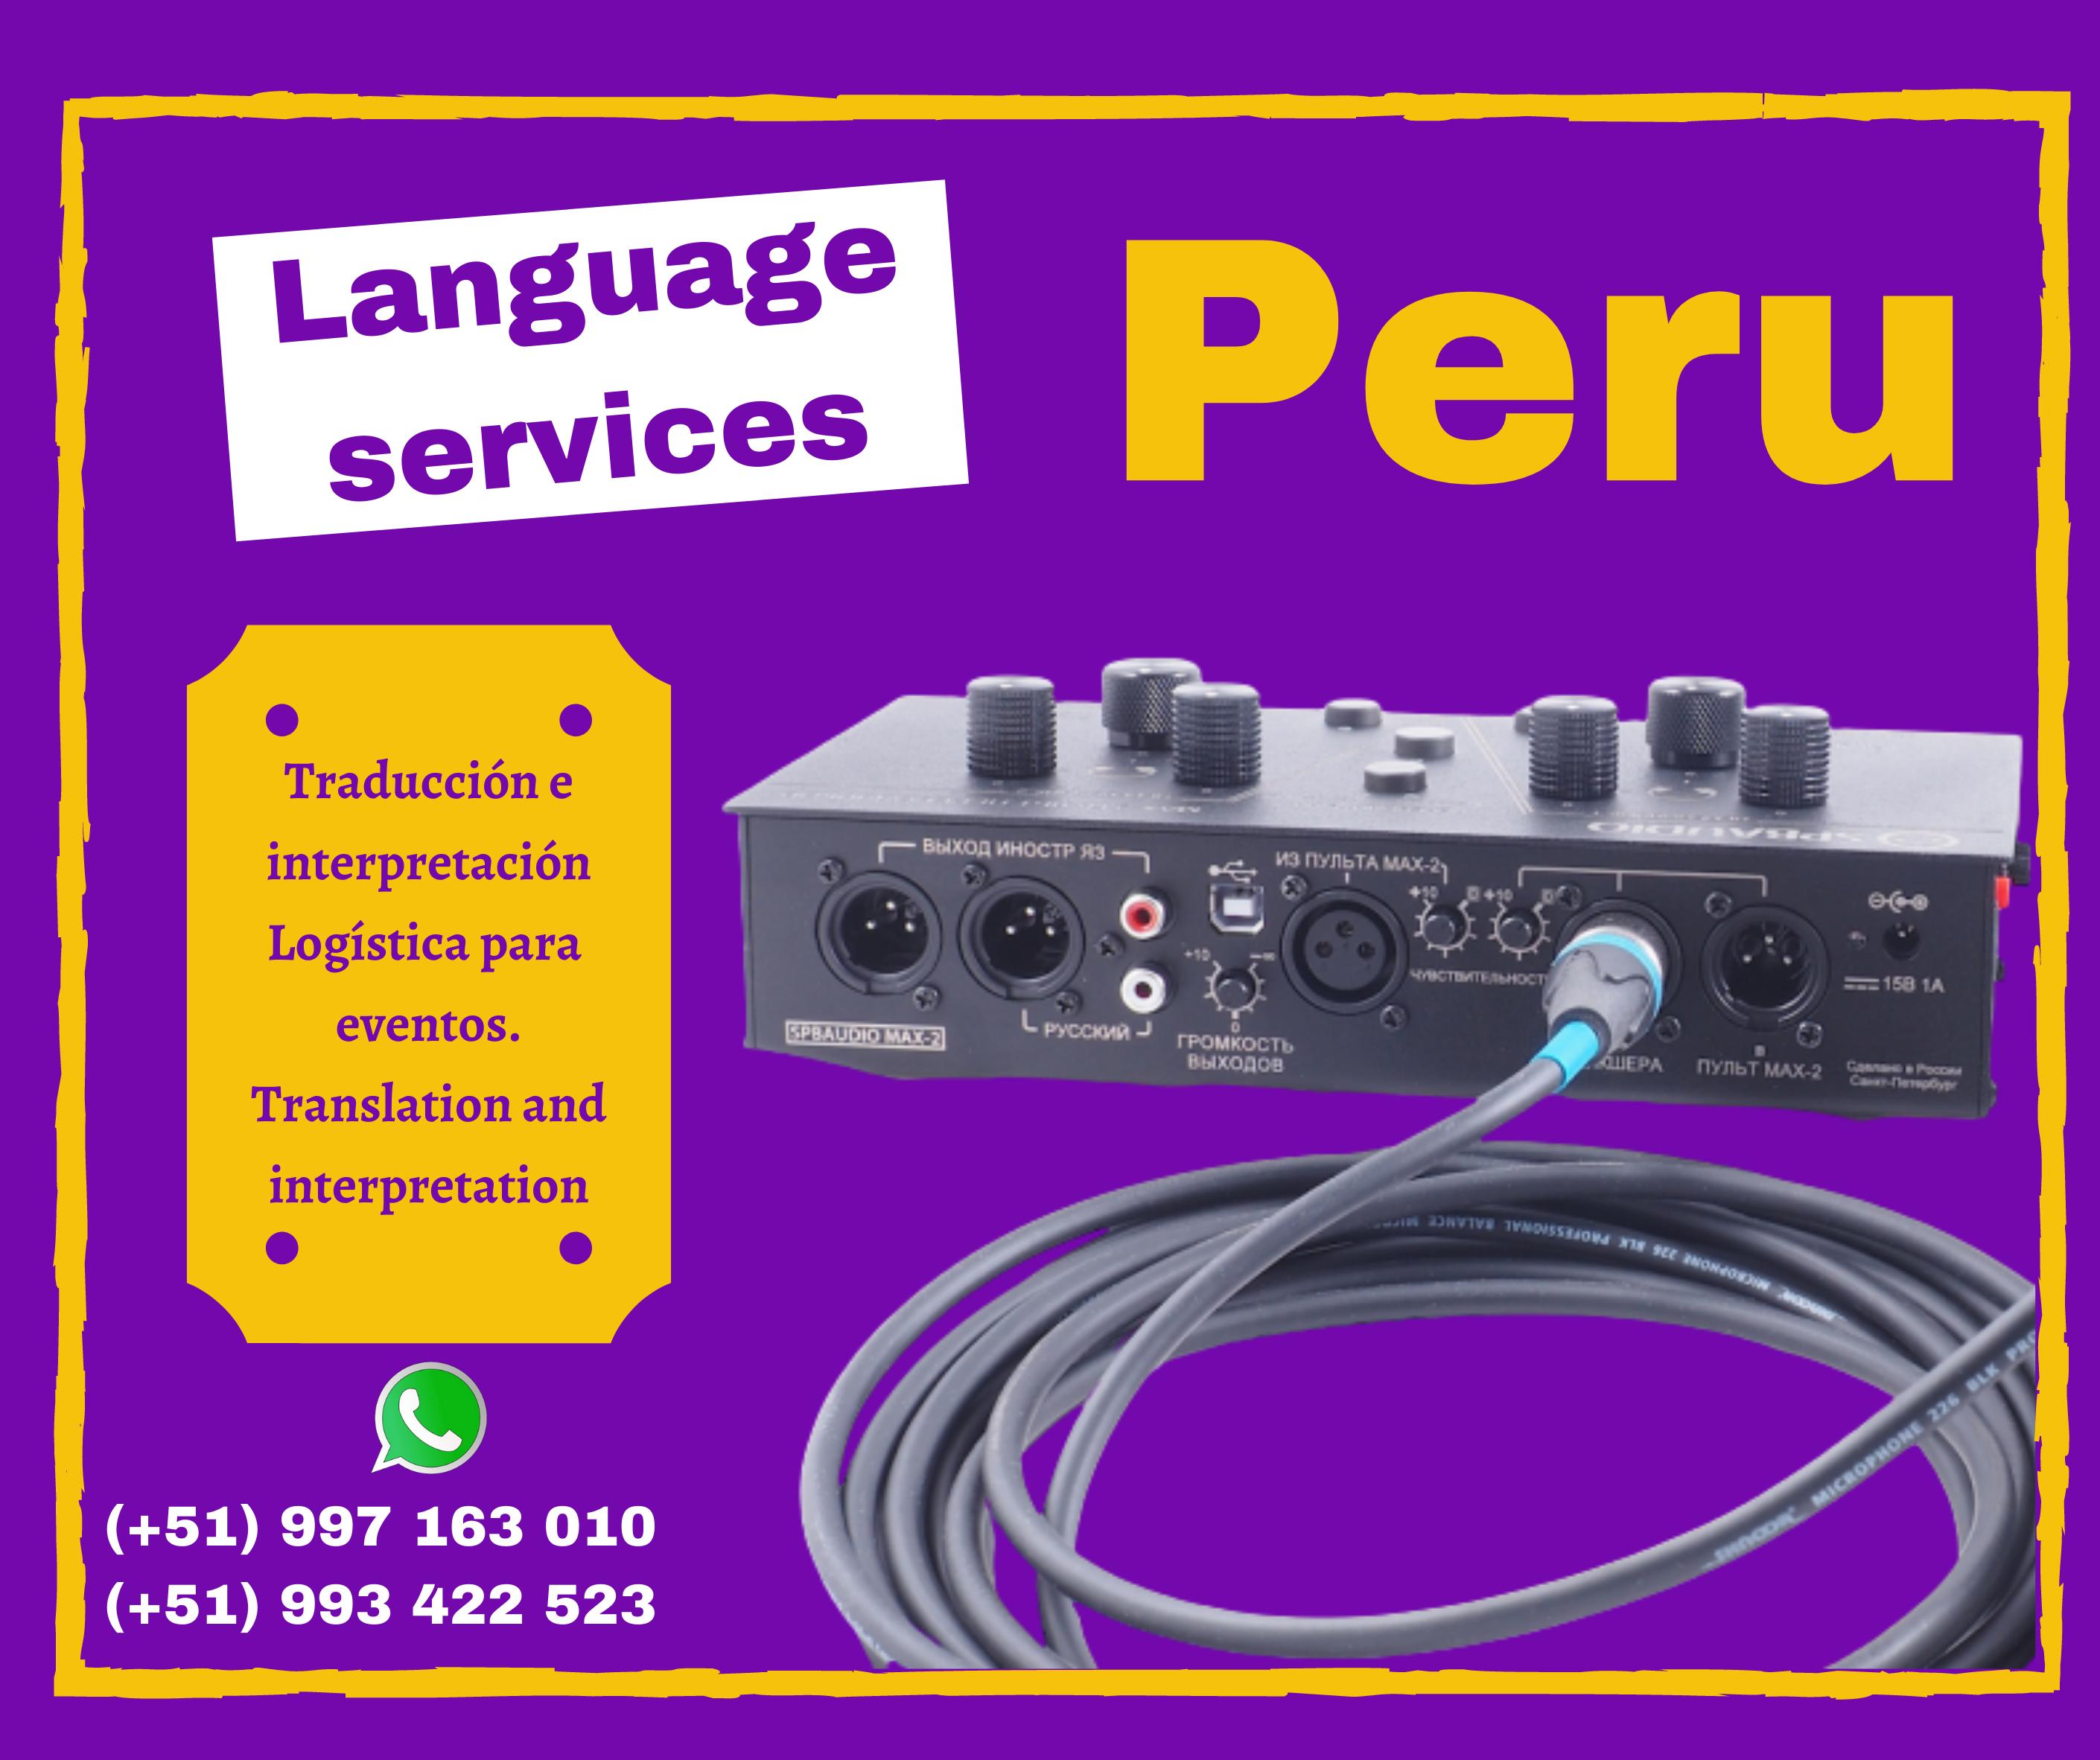 🥇Servicio de traducción en Lima / Arequipa  ✅ 997163010